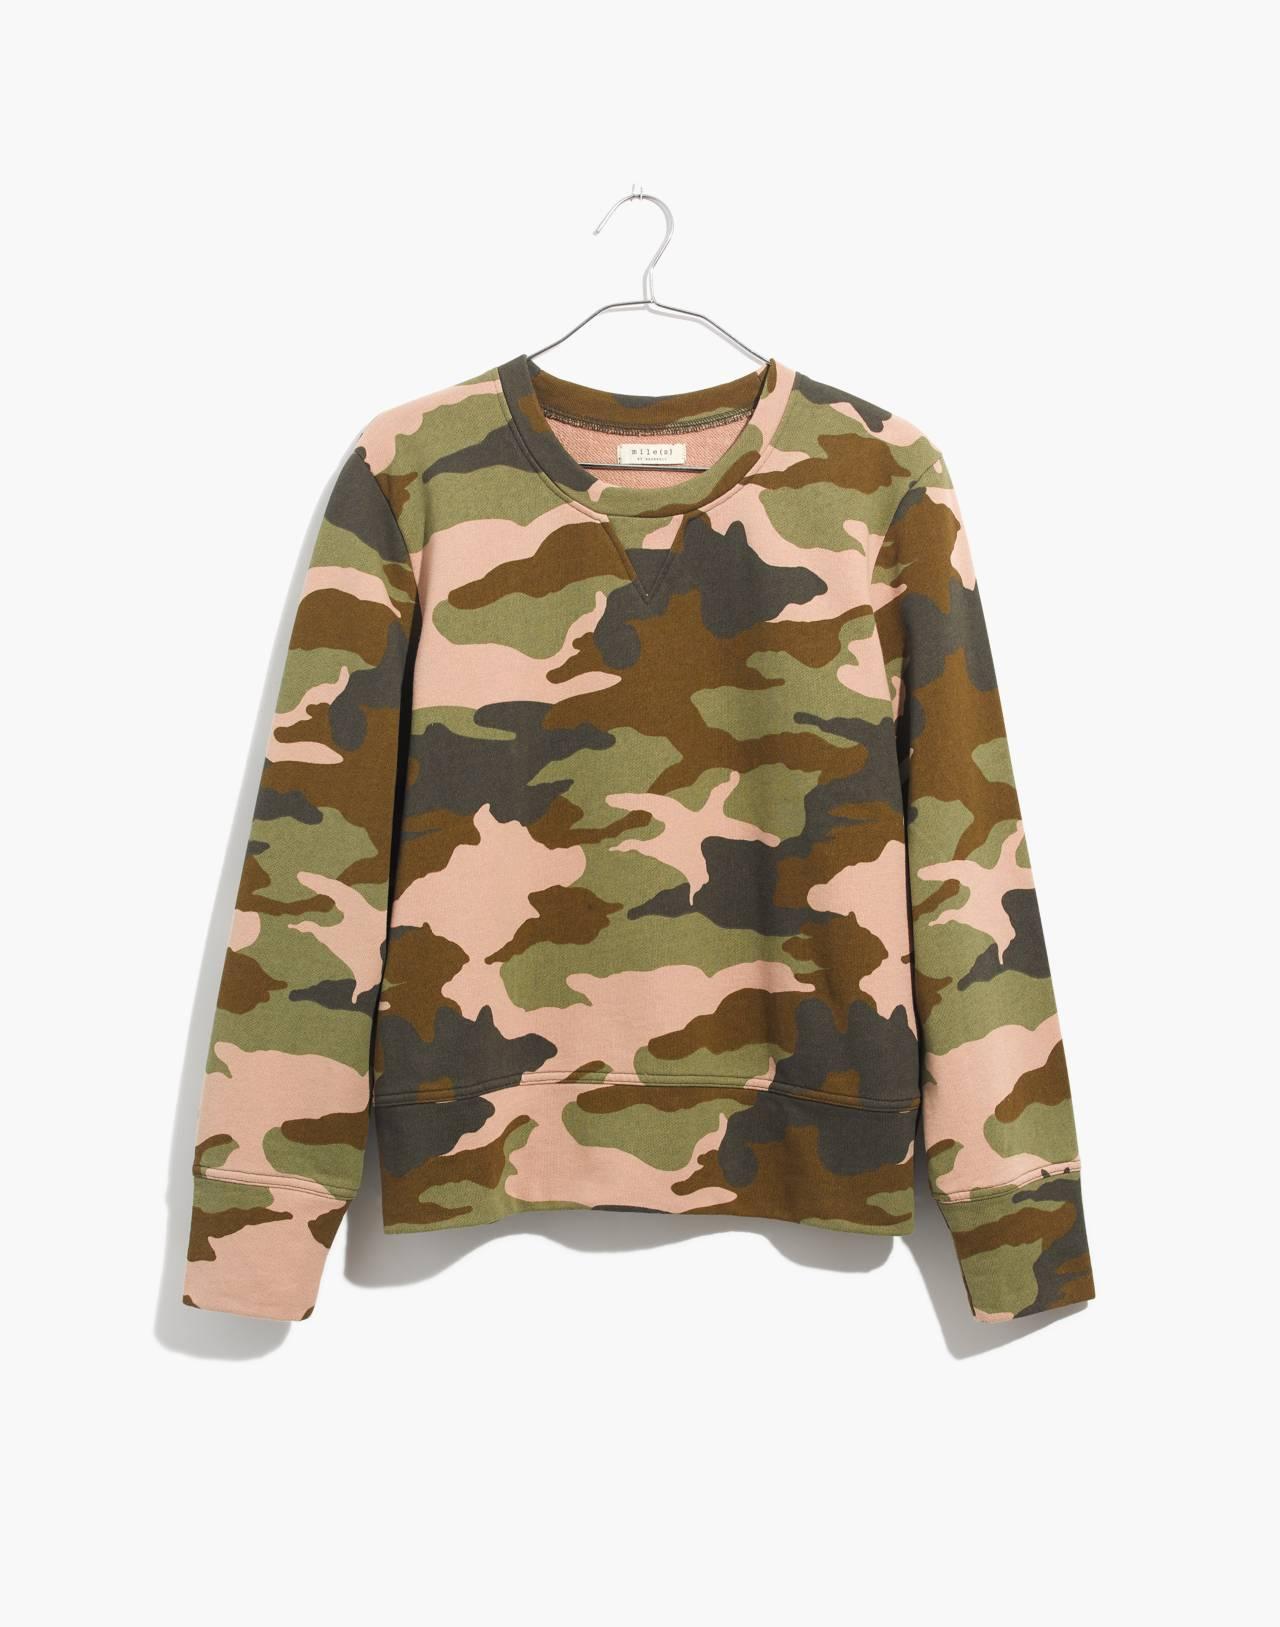 Crewneck Sweatshirt in Cottontail Camo in bunny camo asparagus image 4